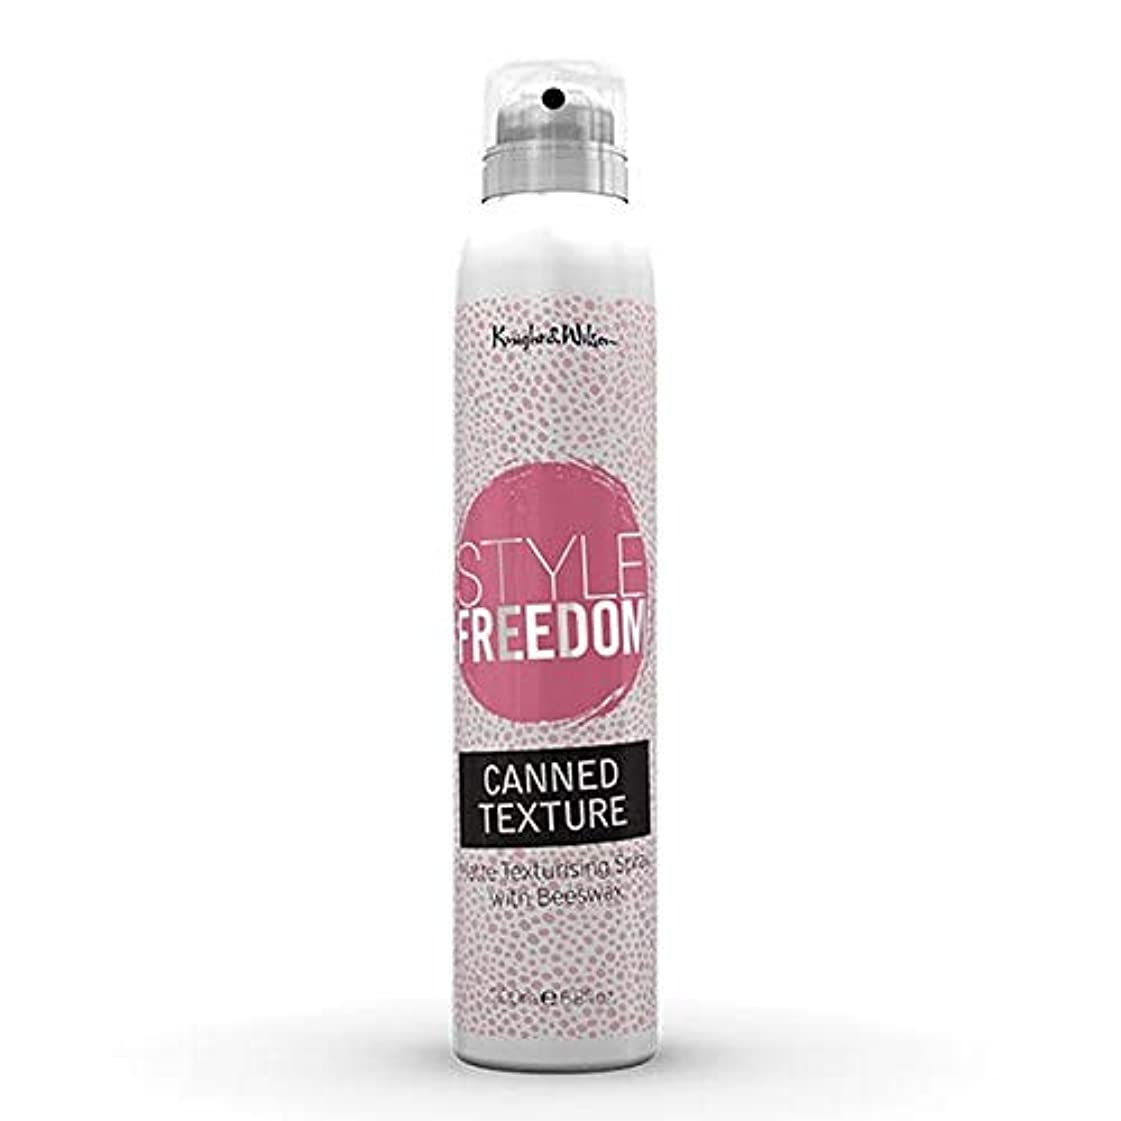 十分に相続人ダイバー[Style Freedom ] スタイルの自由缶詰テクスチャスプレー200ミリリットル - Style Freedom Canned Texture Spray 200ml [並行輸入品]